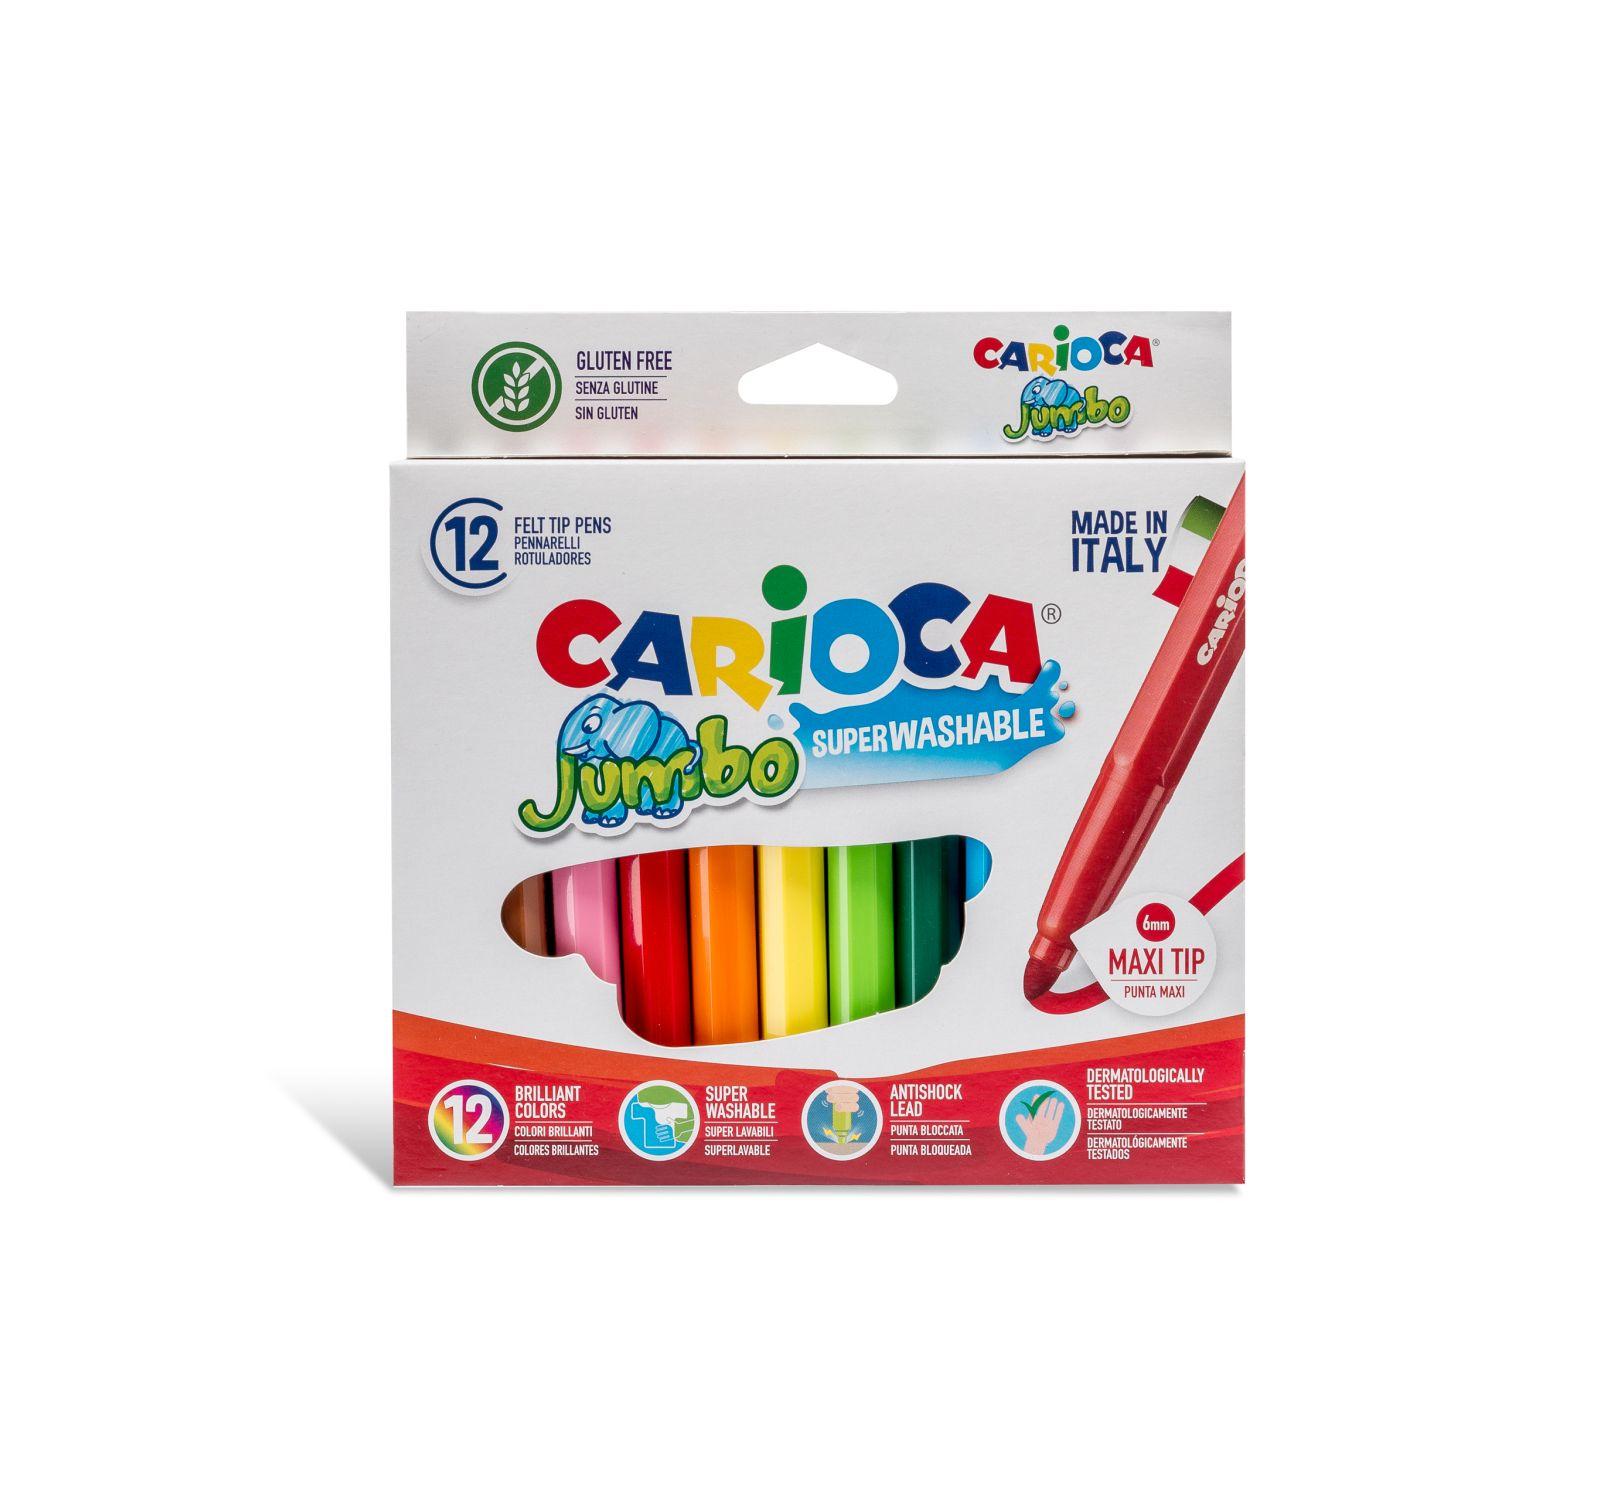 Carioca jumbo box 12 pcs - CARIOCA